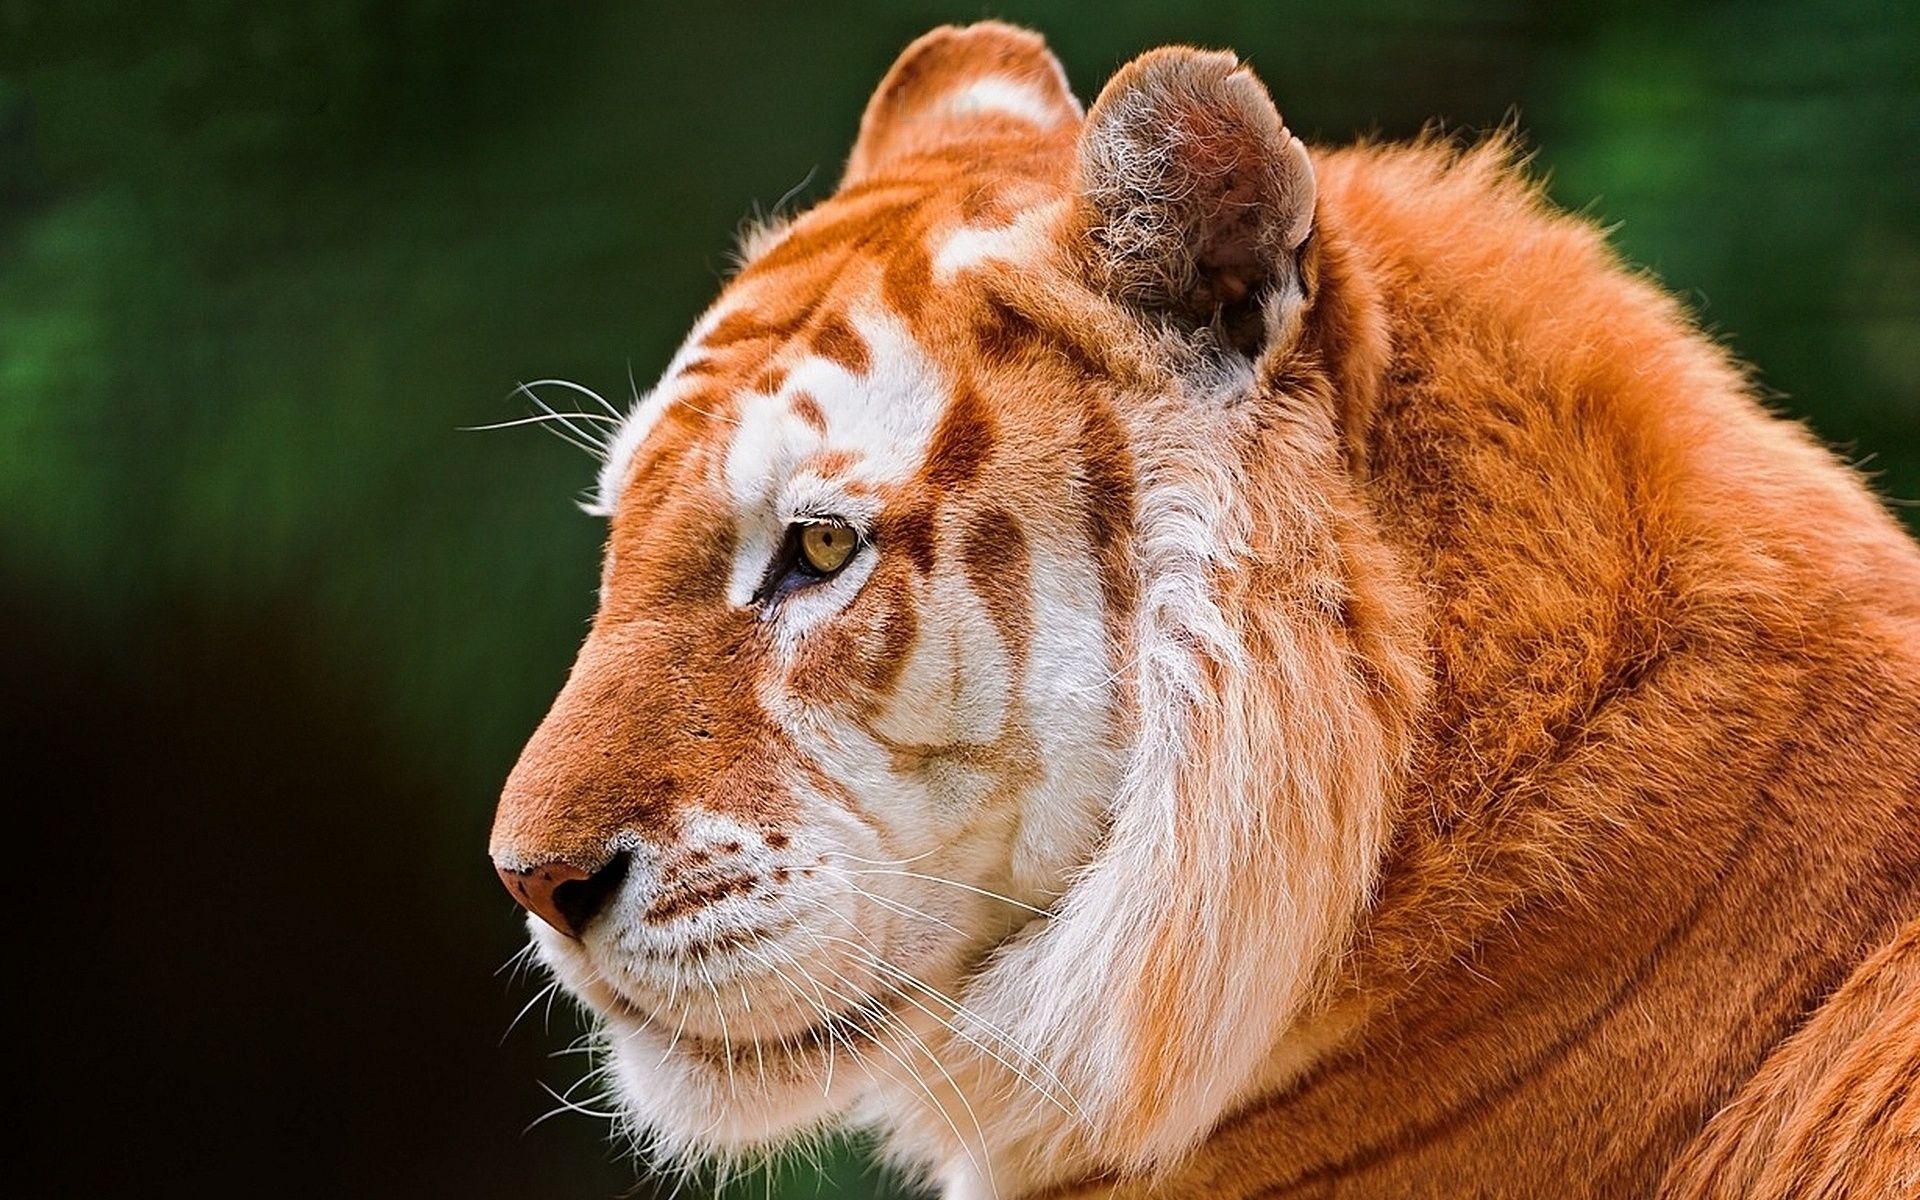 Tiger, HD Wallpaper